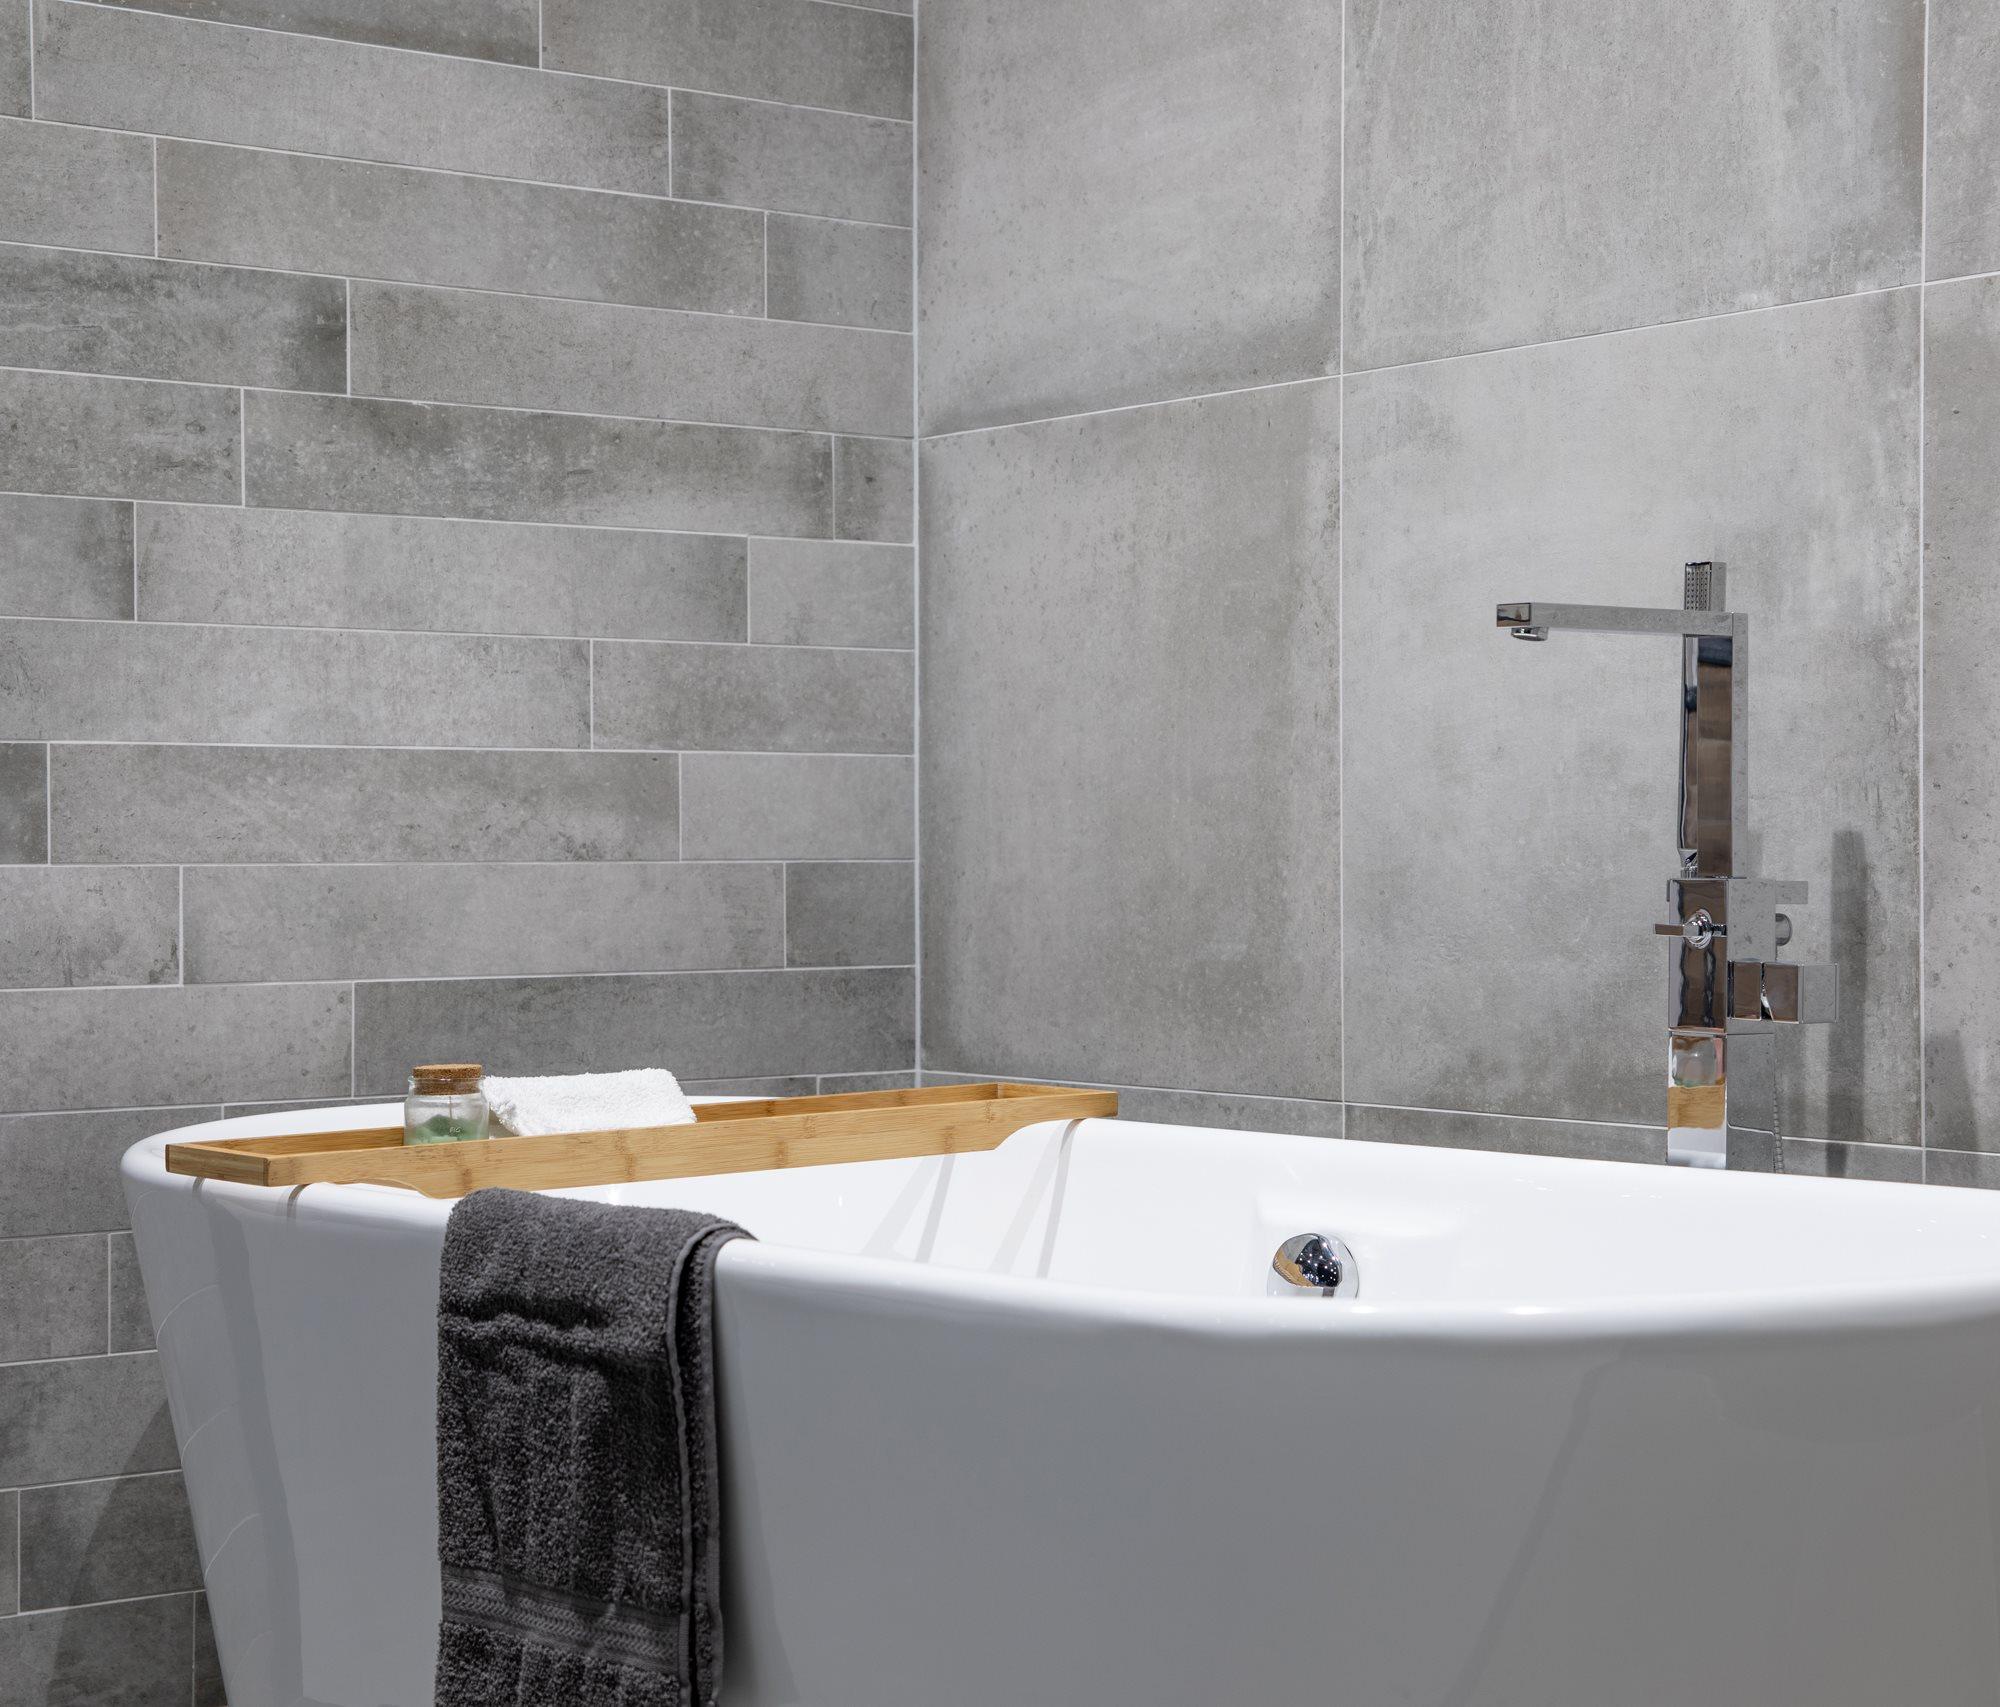 badkamer-grijze-betonlook-tegels.jpg